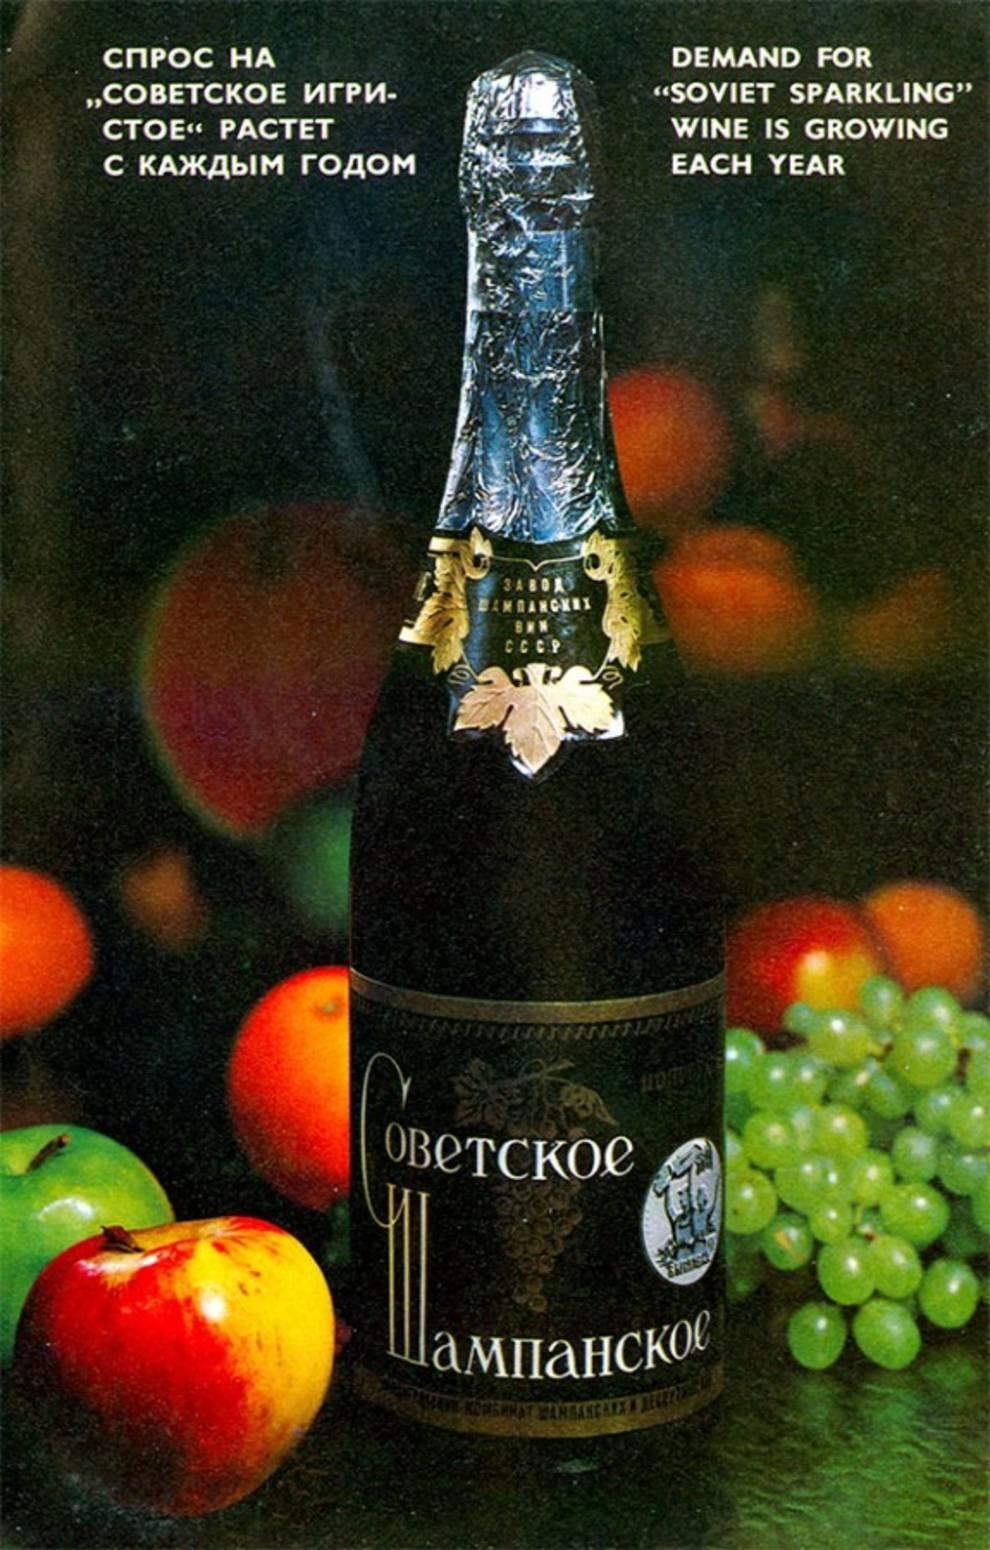 Реклама алкоголя в СССР: подборка буклетов